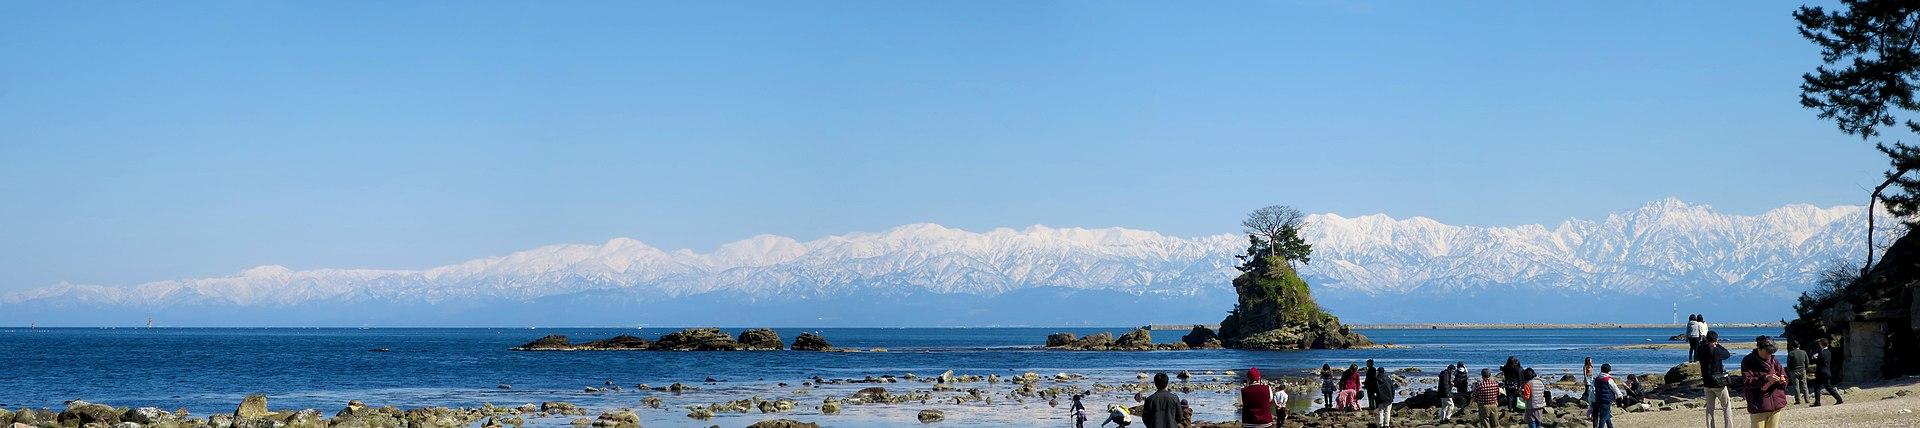 https://upload.wikimedia.org/wikipedia/commons/thumb/f/f5/Tateyama_Mountains_and_Onna-iwa_viewed_from_Amaharashi_Coast_20190309134344.jpg/1920px-Tateyama_Mountains_and_Onna-iwa_viewed_from_Amaharashi_Coast_20190309134344.jpg